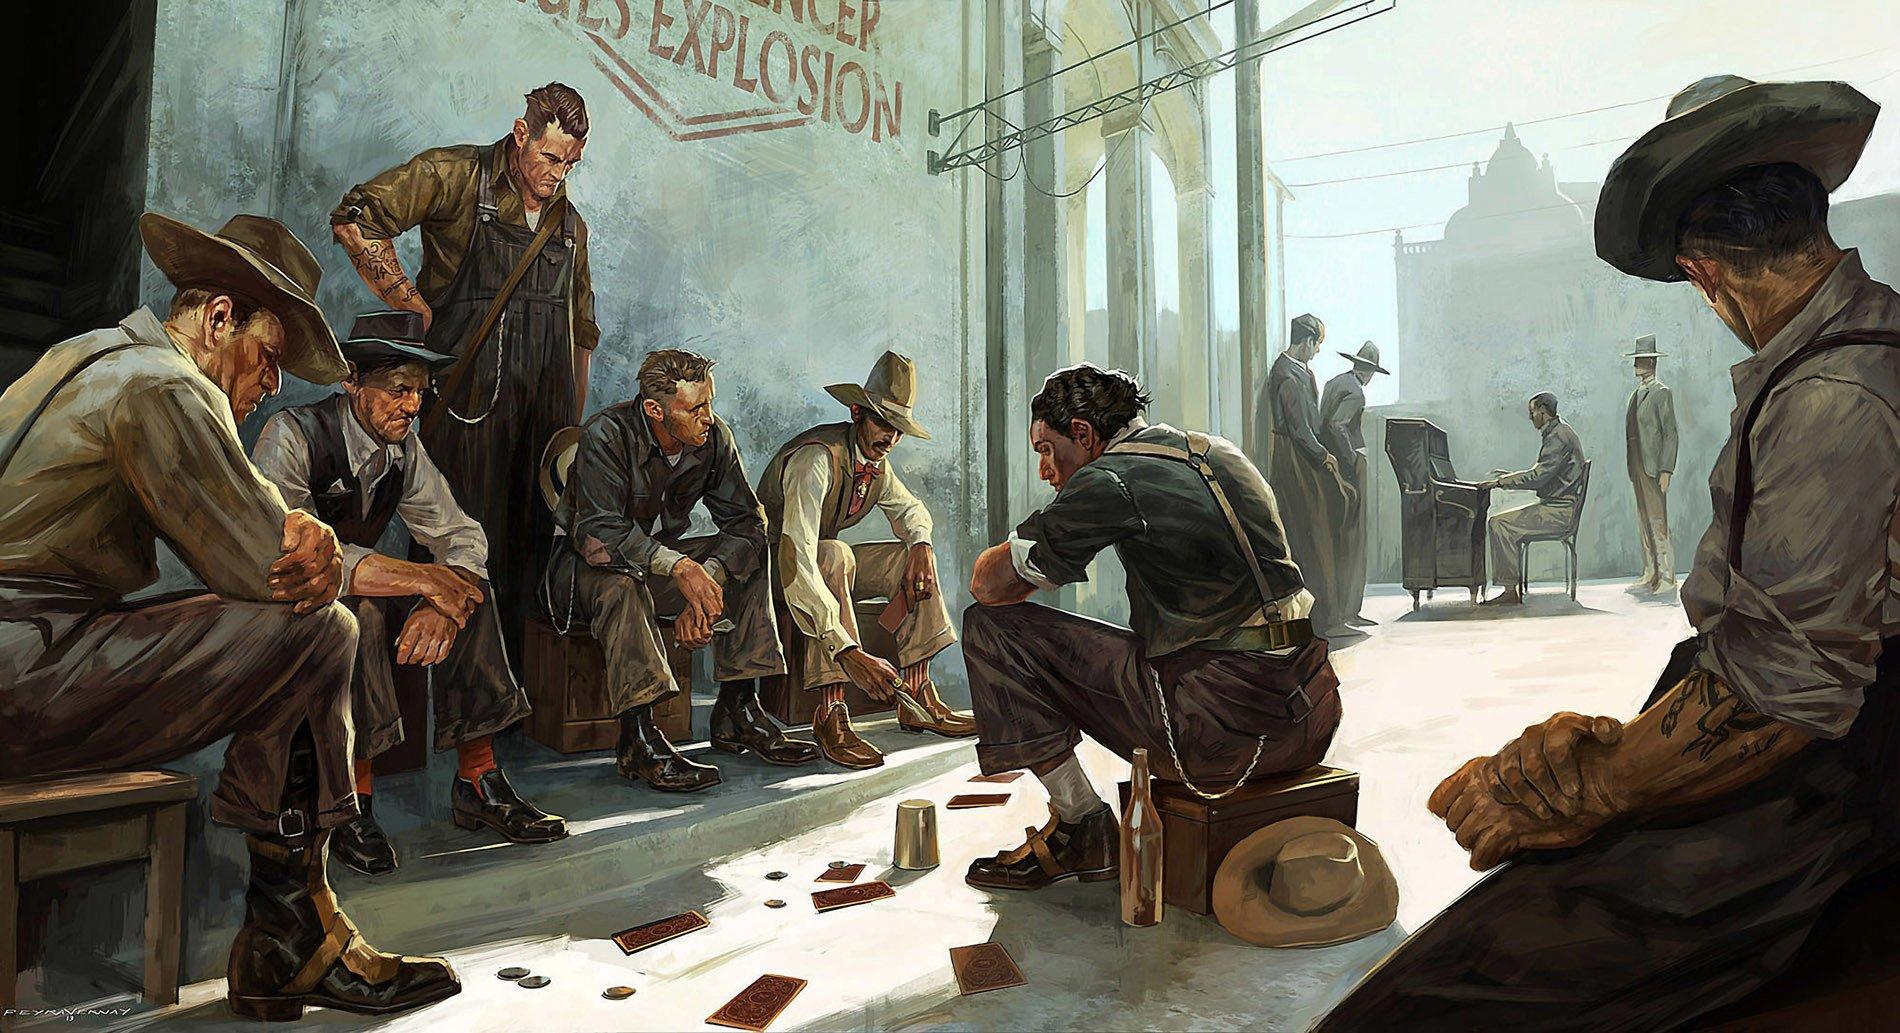 артбук искусство dishonored 2 отвратительные мужики disgusting men